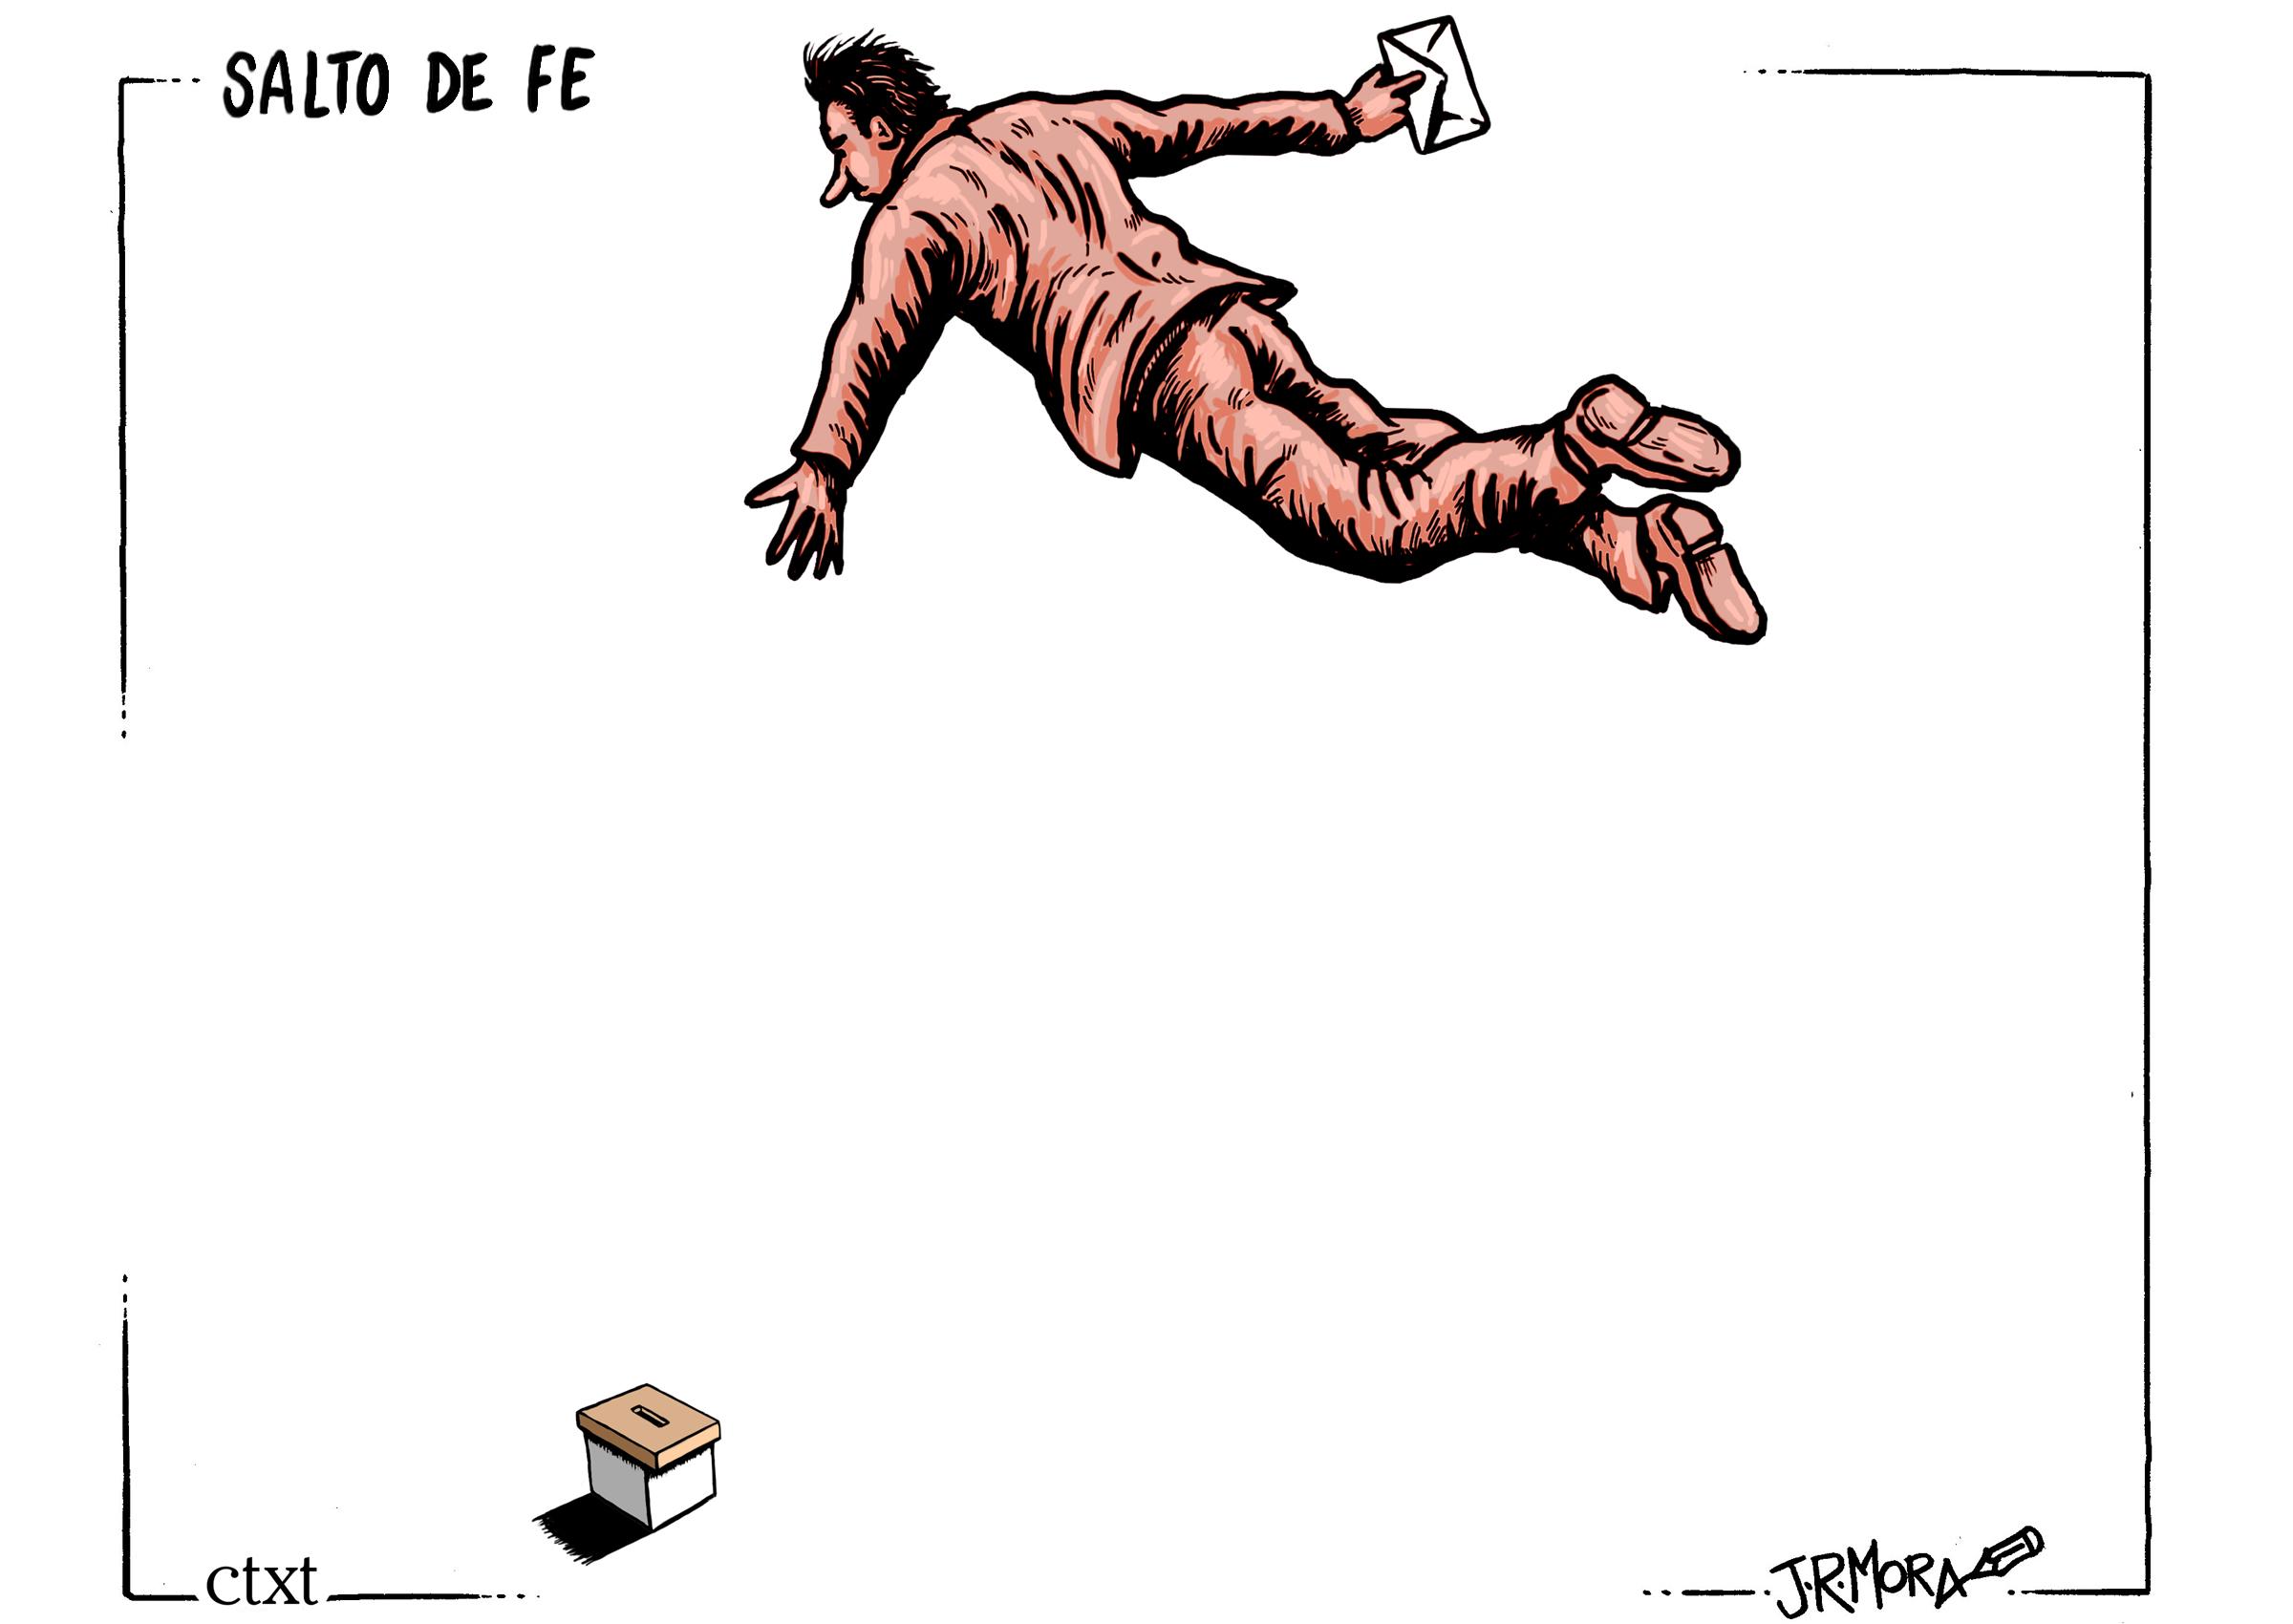 <p>Salto de fe.</p>